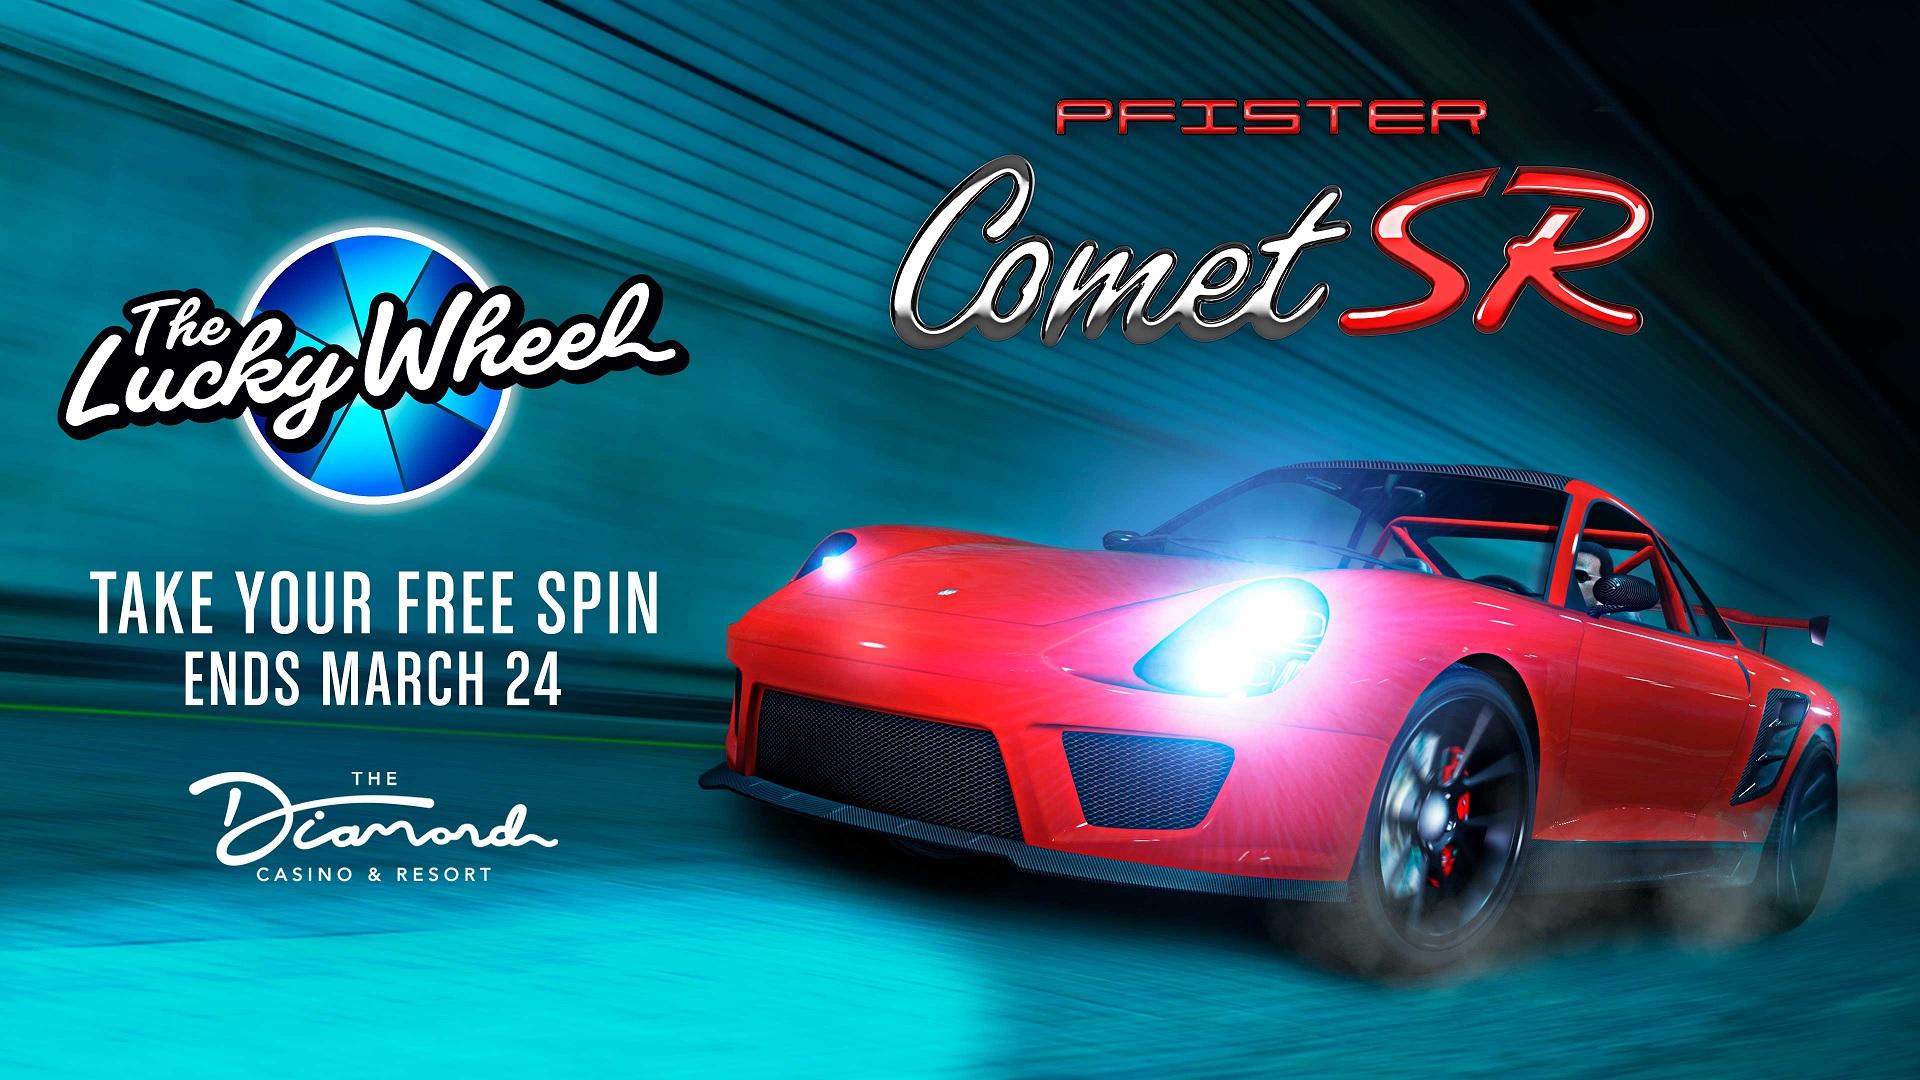 Comet SR Diamond Casino